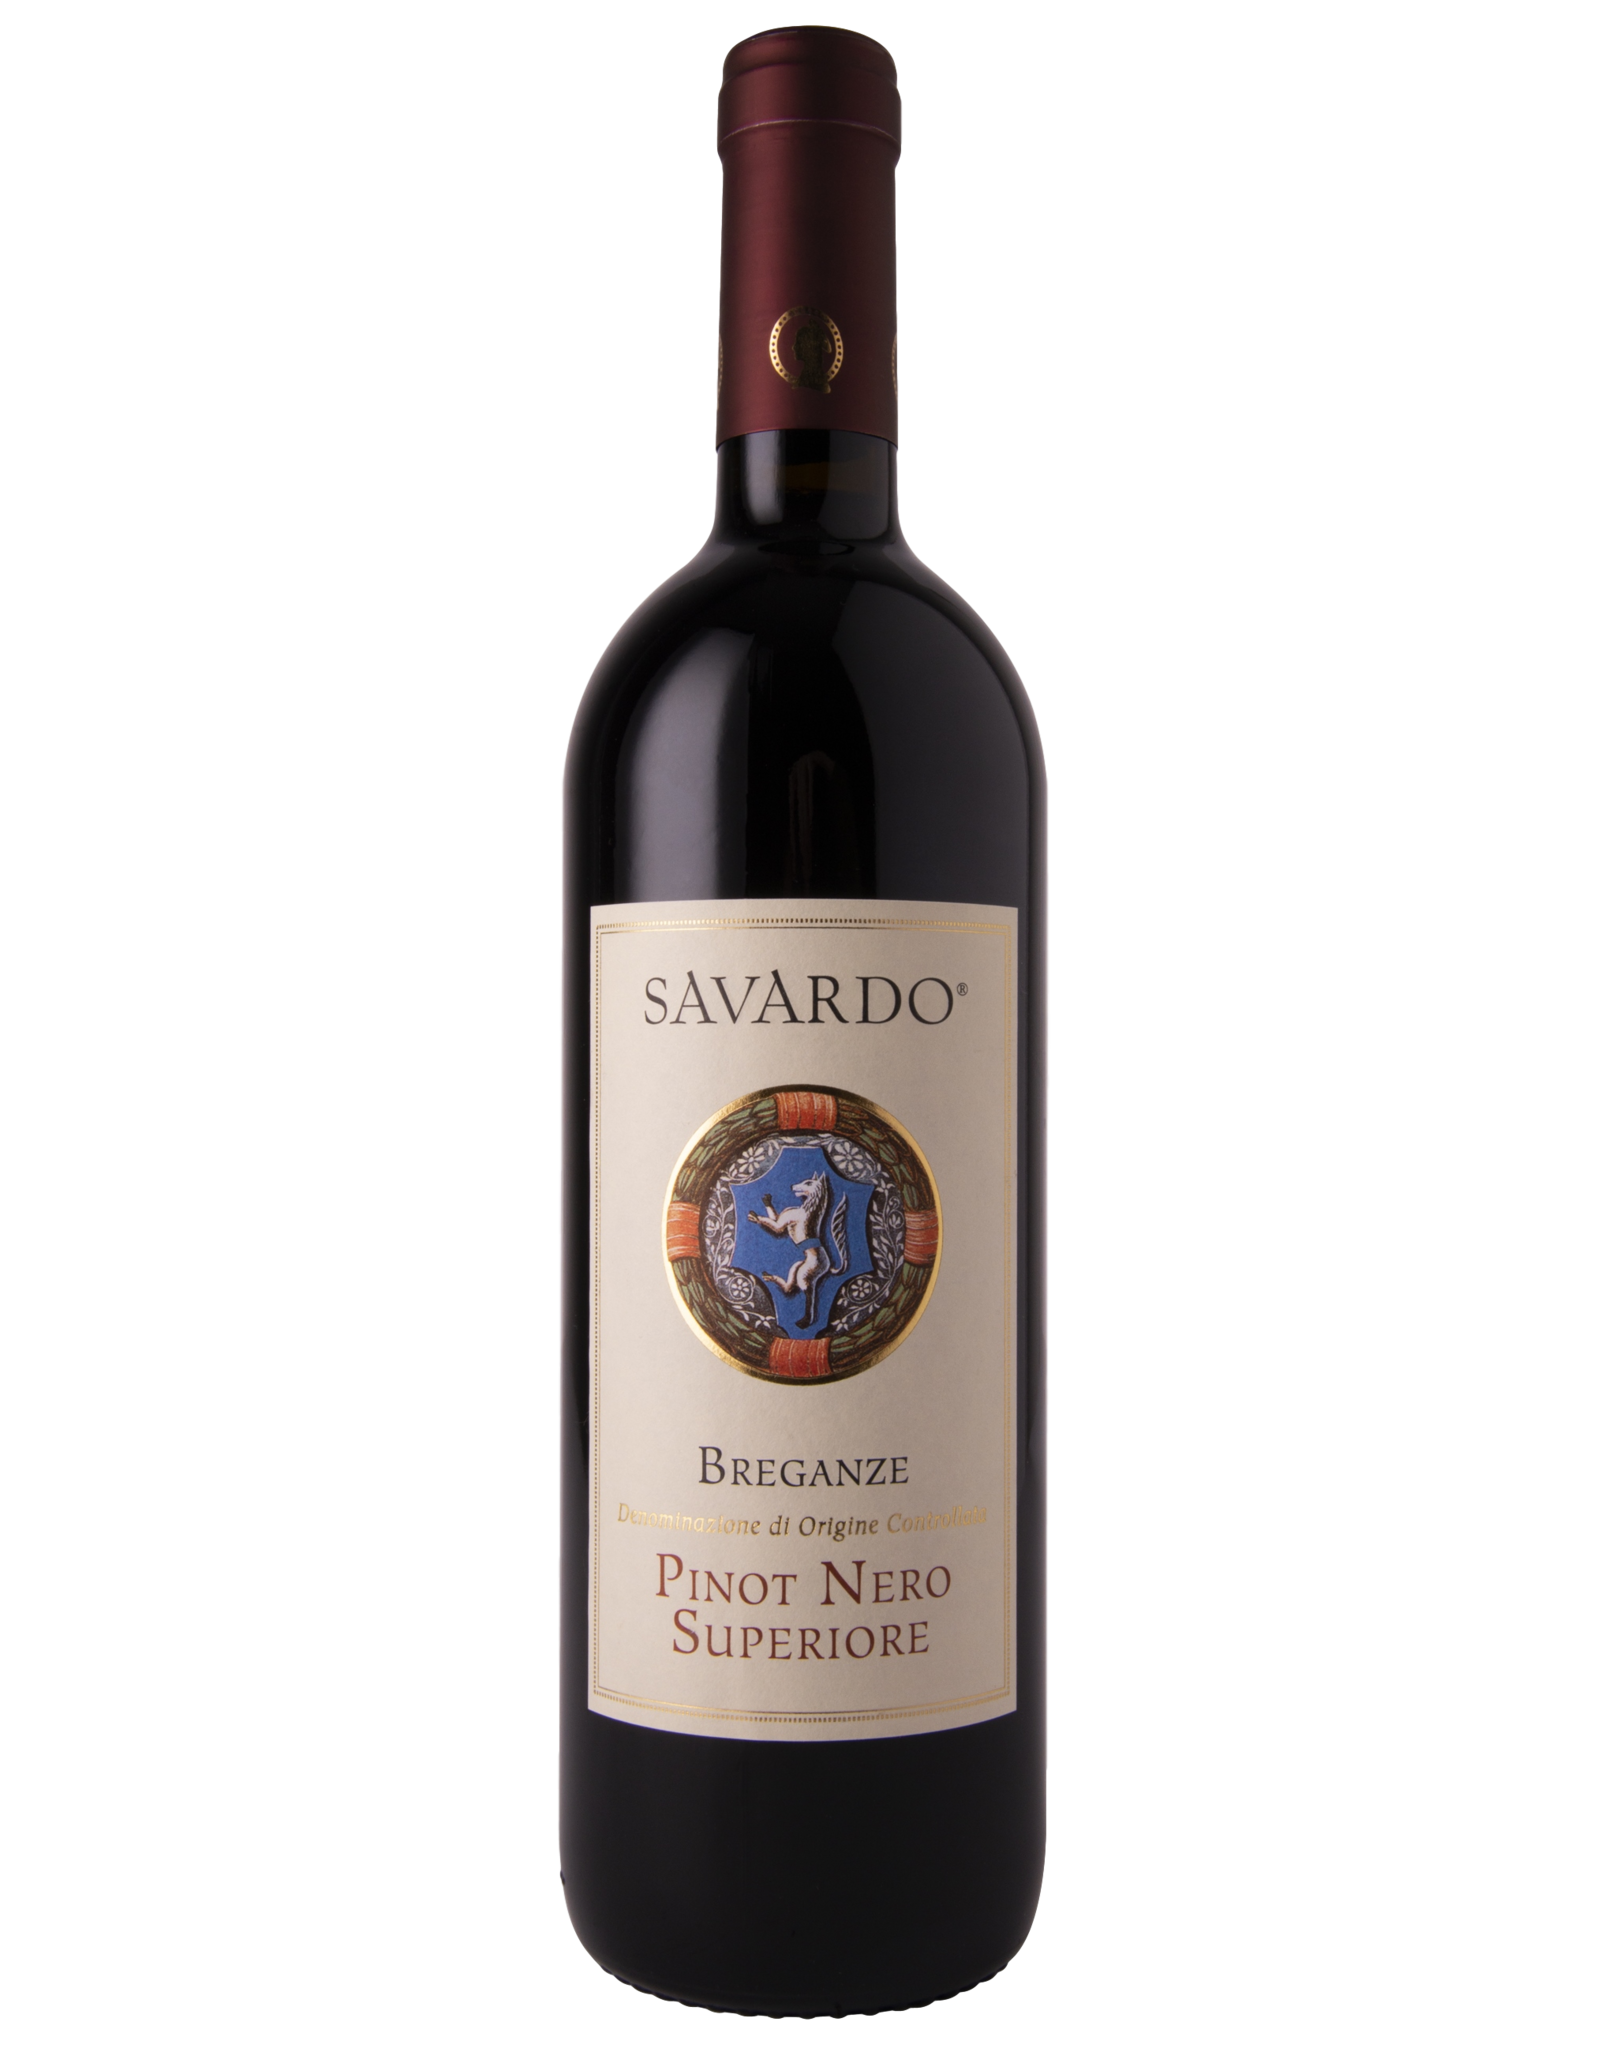 Beato Bartolomeo Savardo Pinot Nero Superiore Breganze DOC 2016